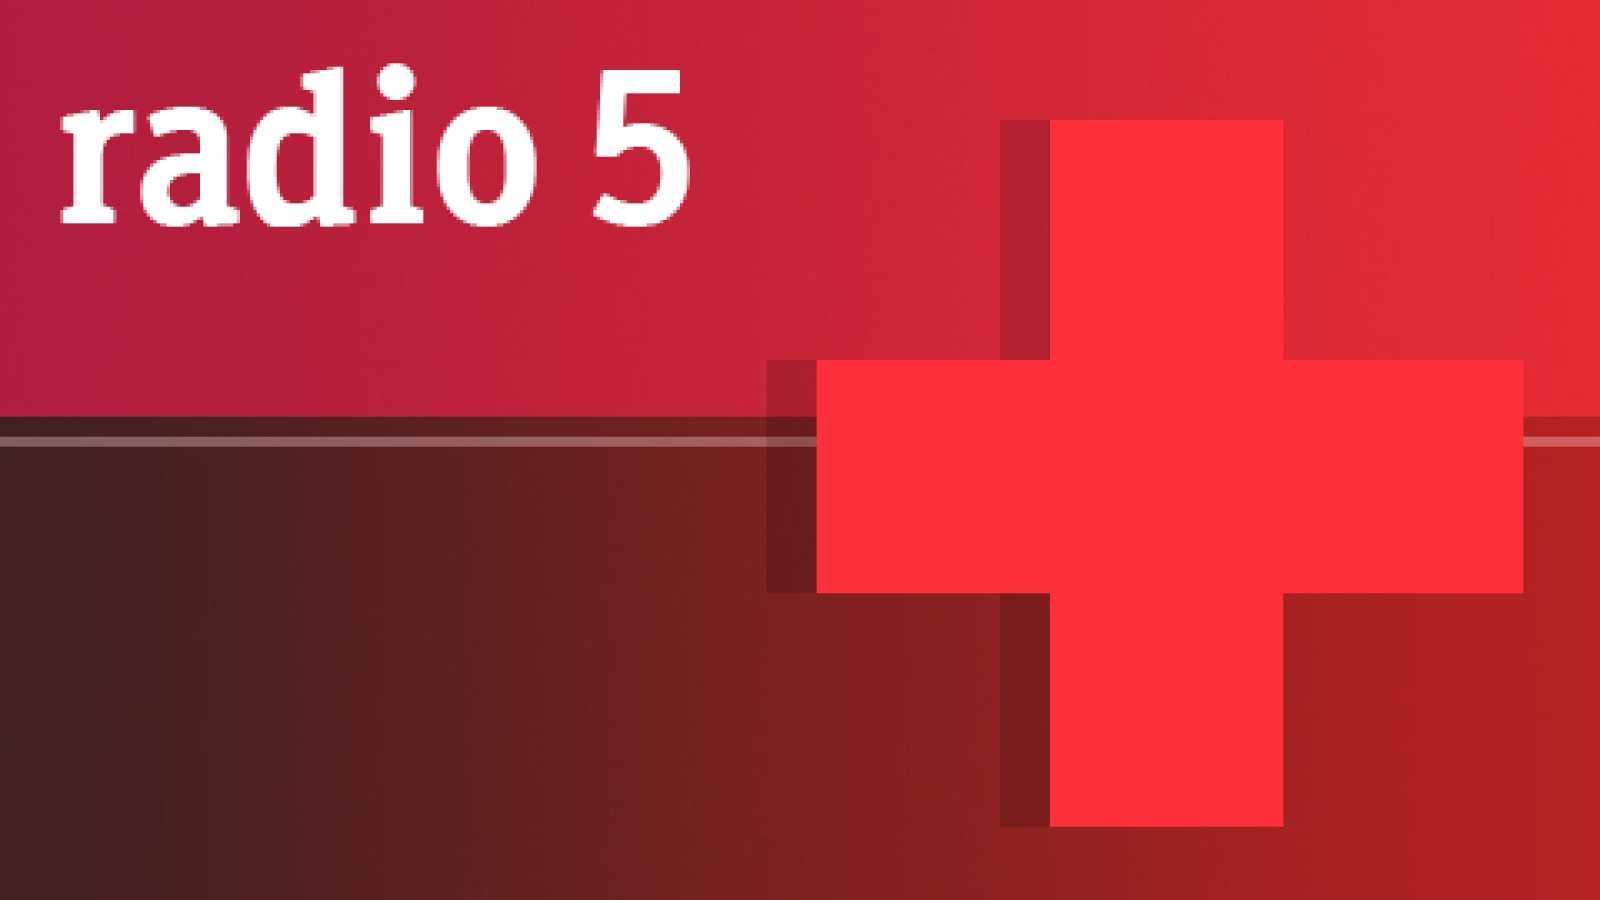 Cruz roja - Aplicación Ariadna - 13/09/18 - Escuchar ahora